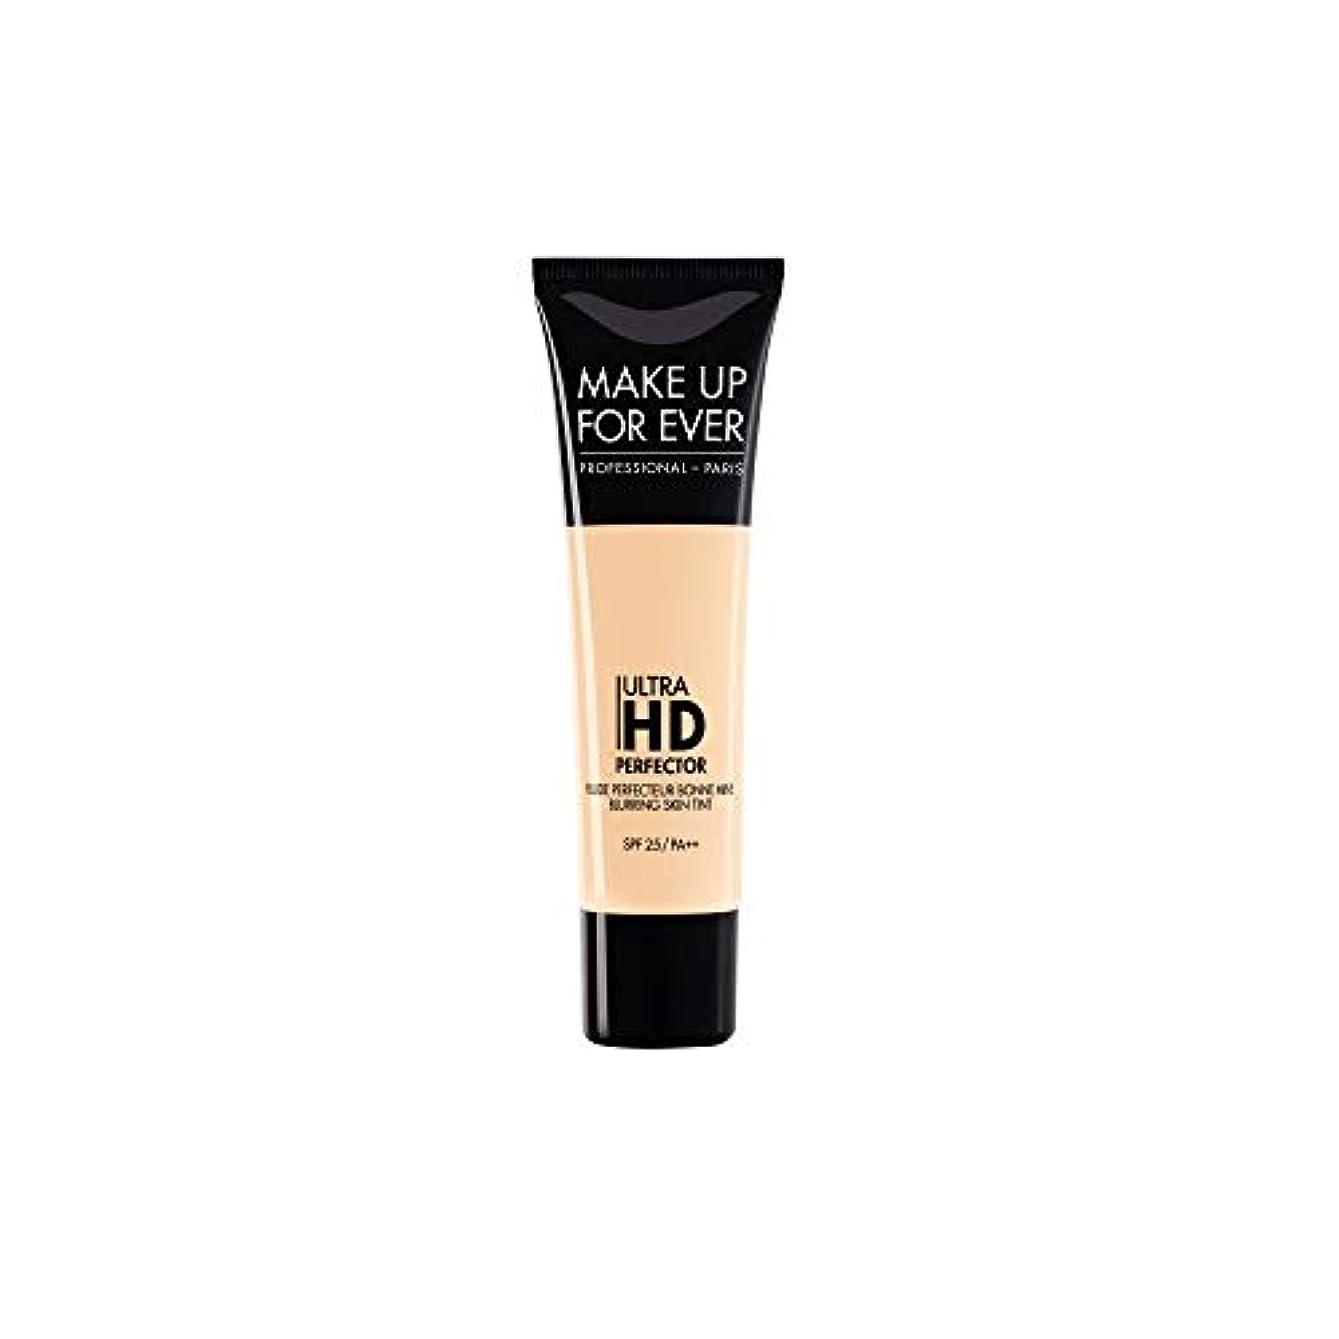 リスナー流産デモンストレーションメイクアップフォーエバー Ultra HD Perfector Blurring Skin Tint SPF25 - # 01 Vanilla 30ml/1.01oz並行輸入品